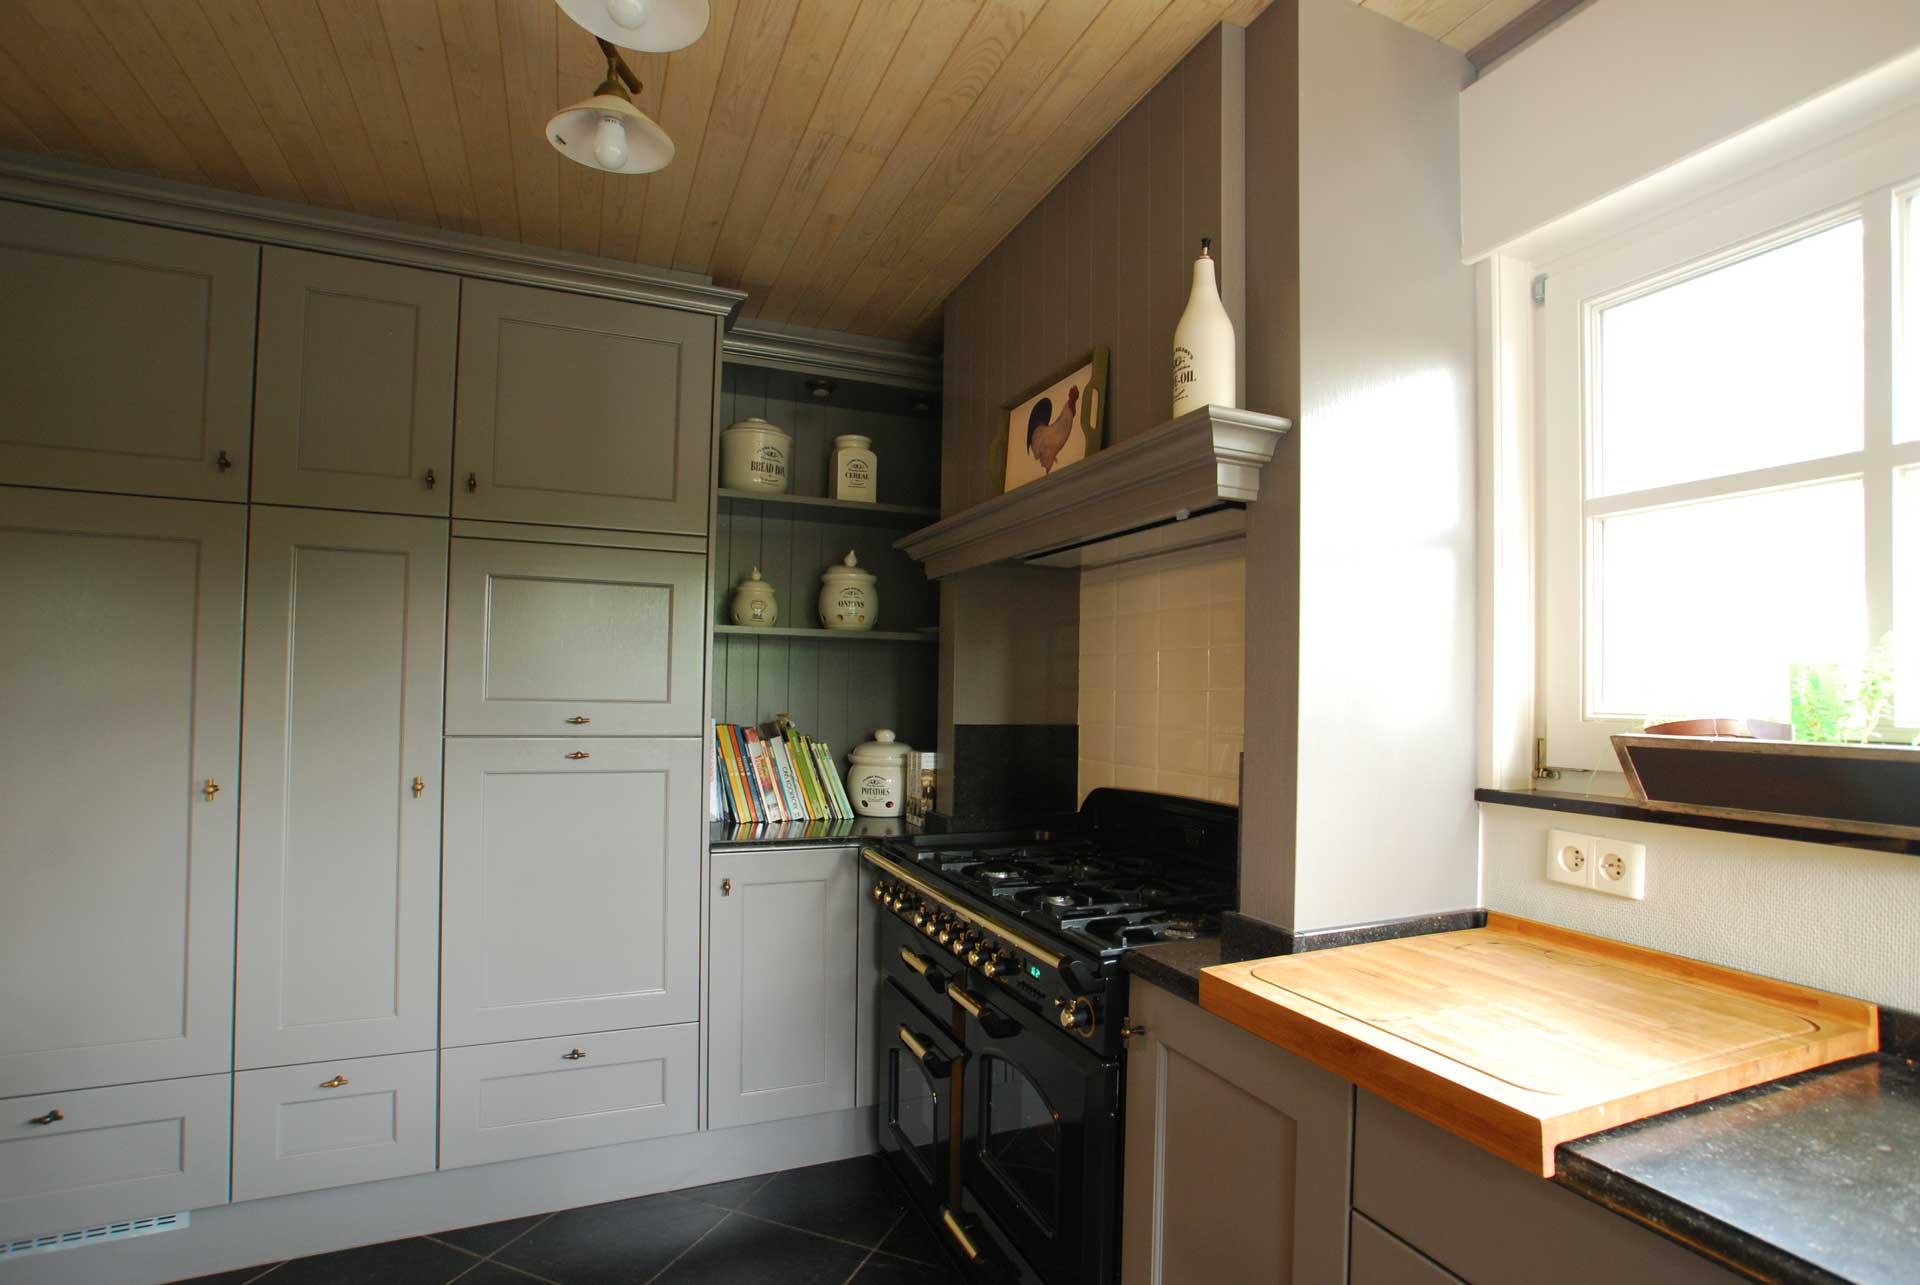 Realisaties keukens keukencenter geusens - Eigentijdse keuken tafel ...